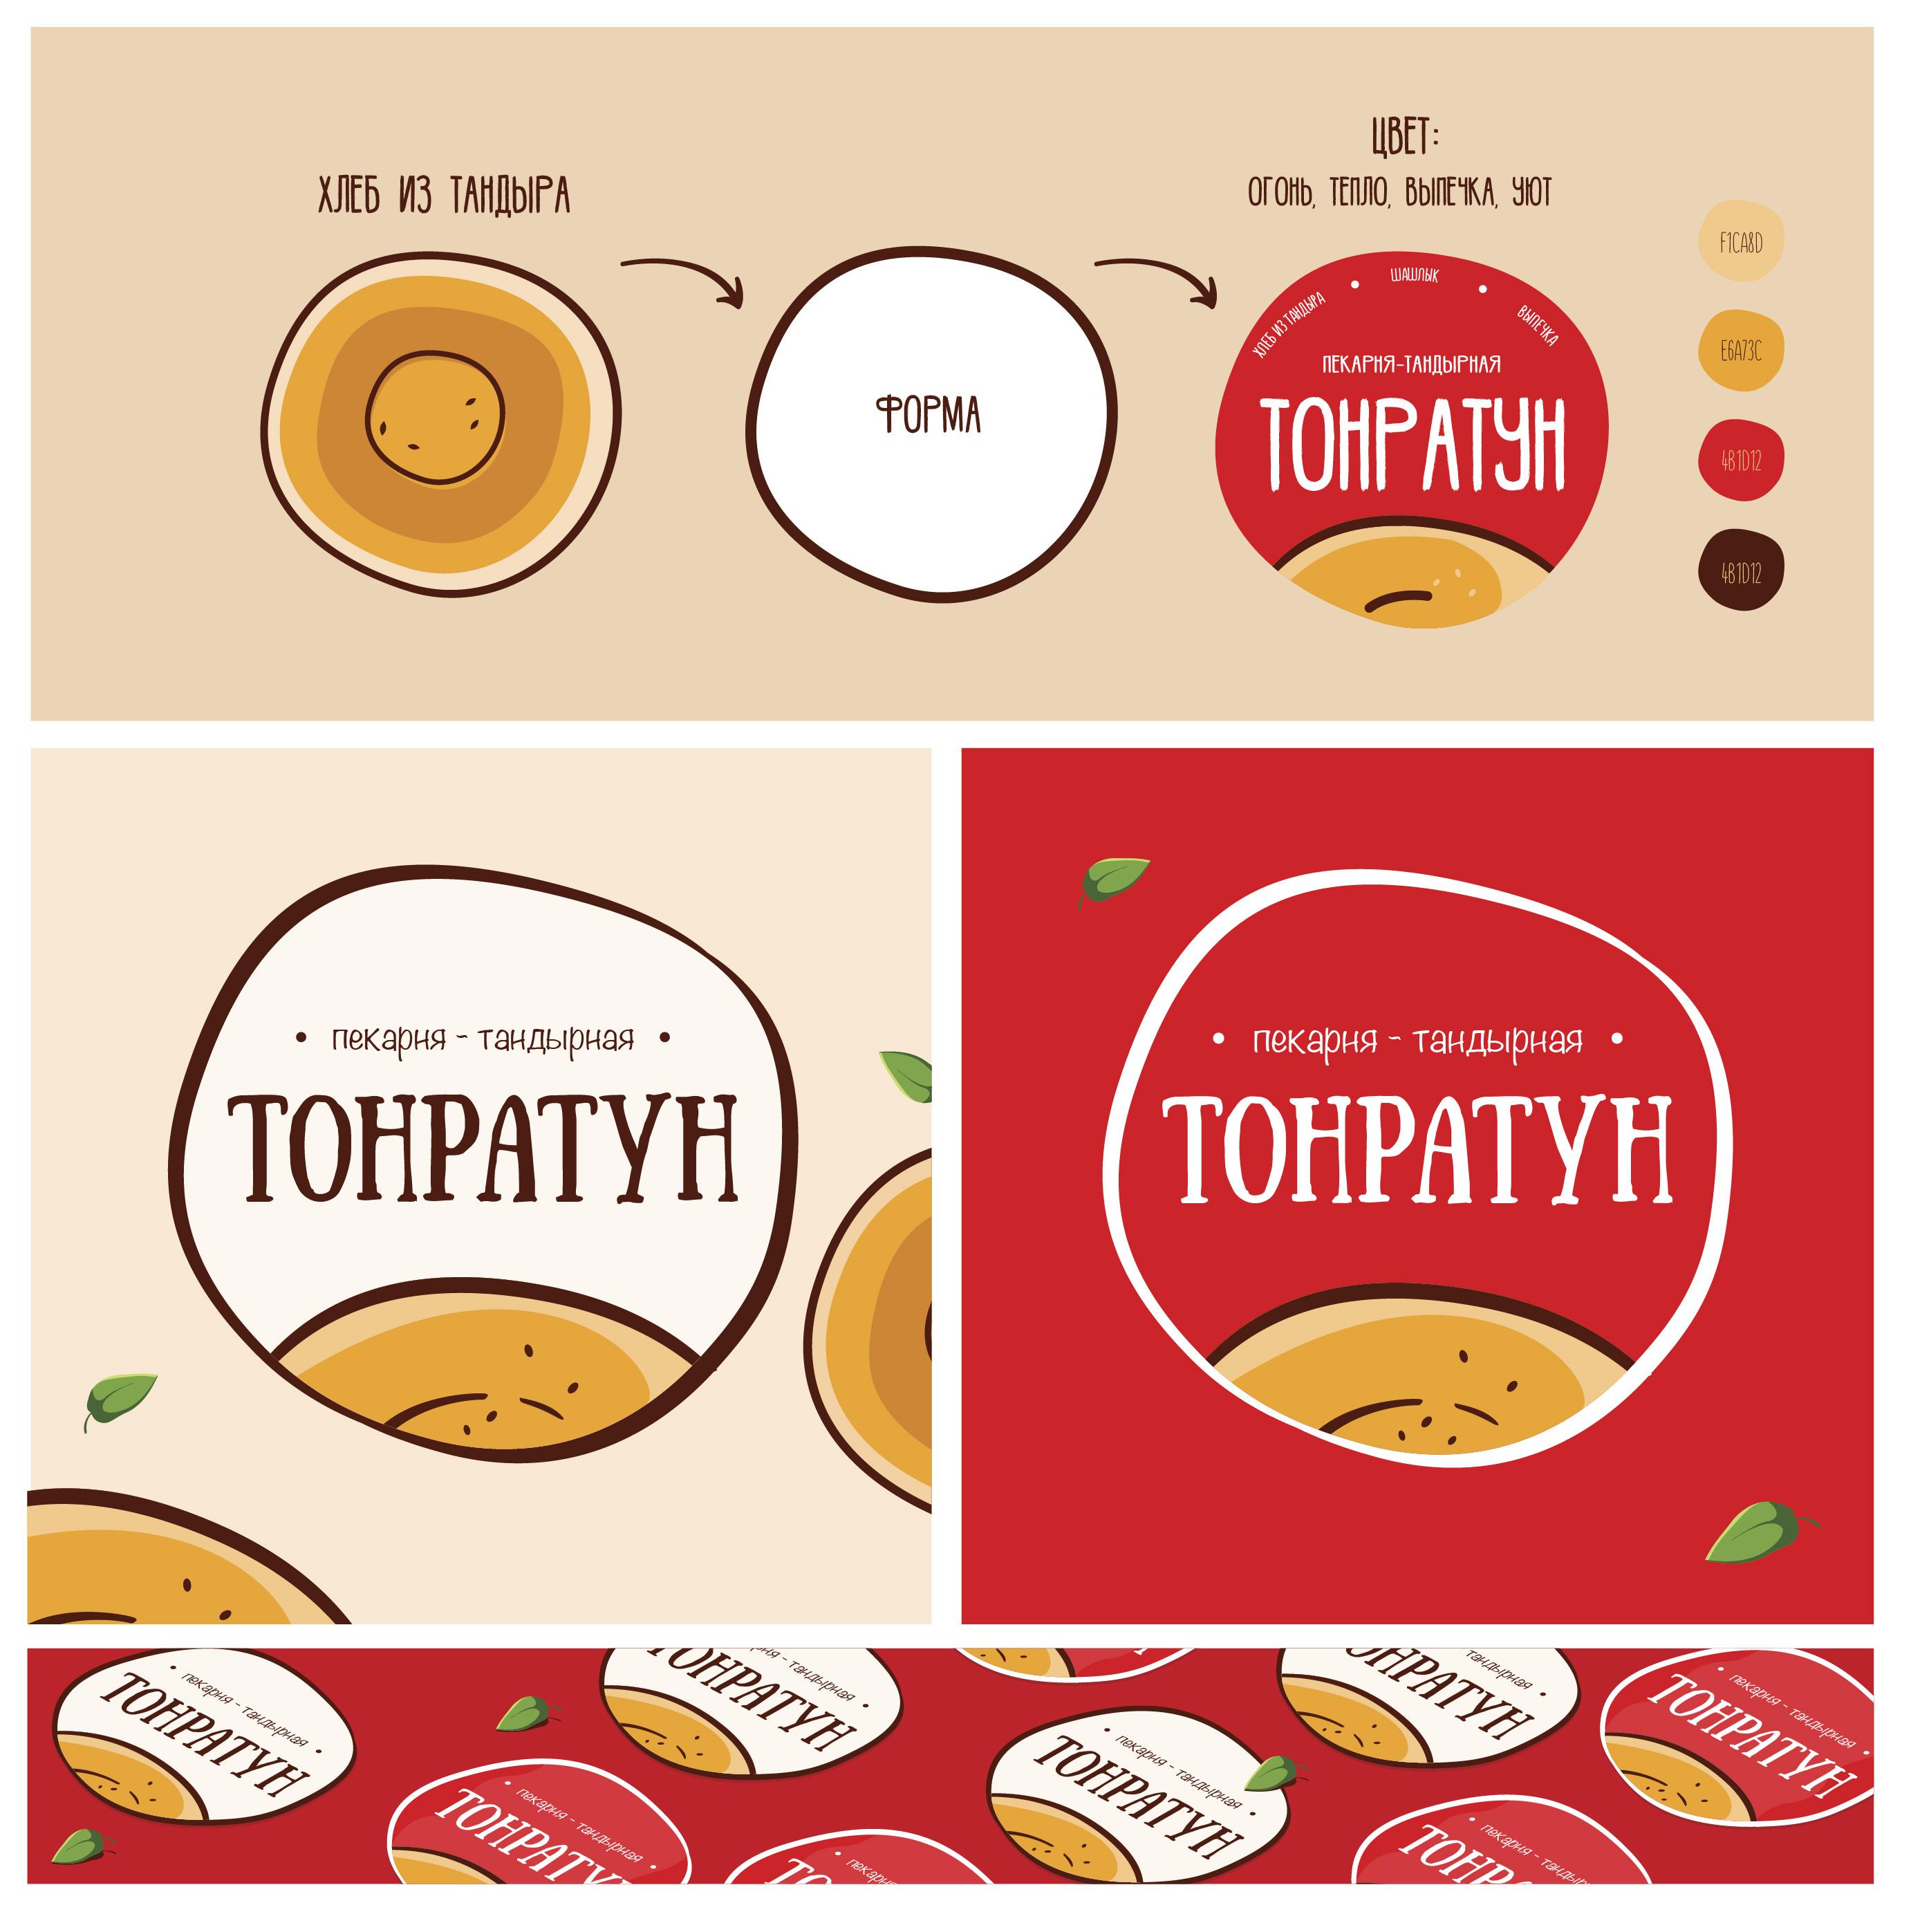 Логотип для Пекарни-Тандырной  фото f_4855d901e8fb6fc2.jpg